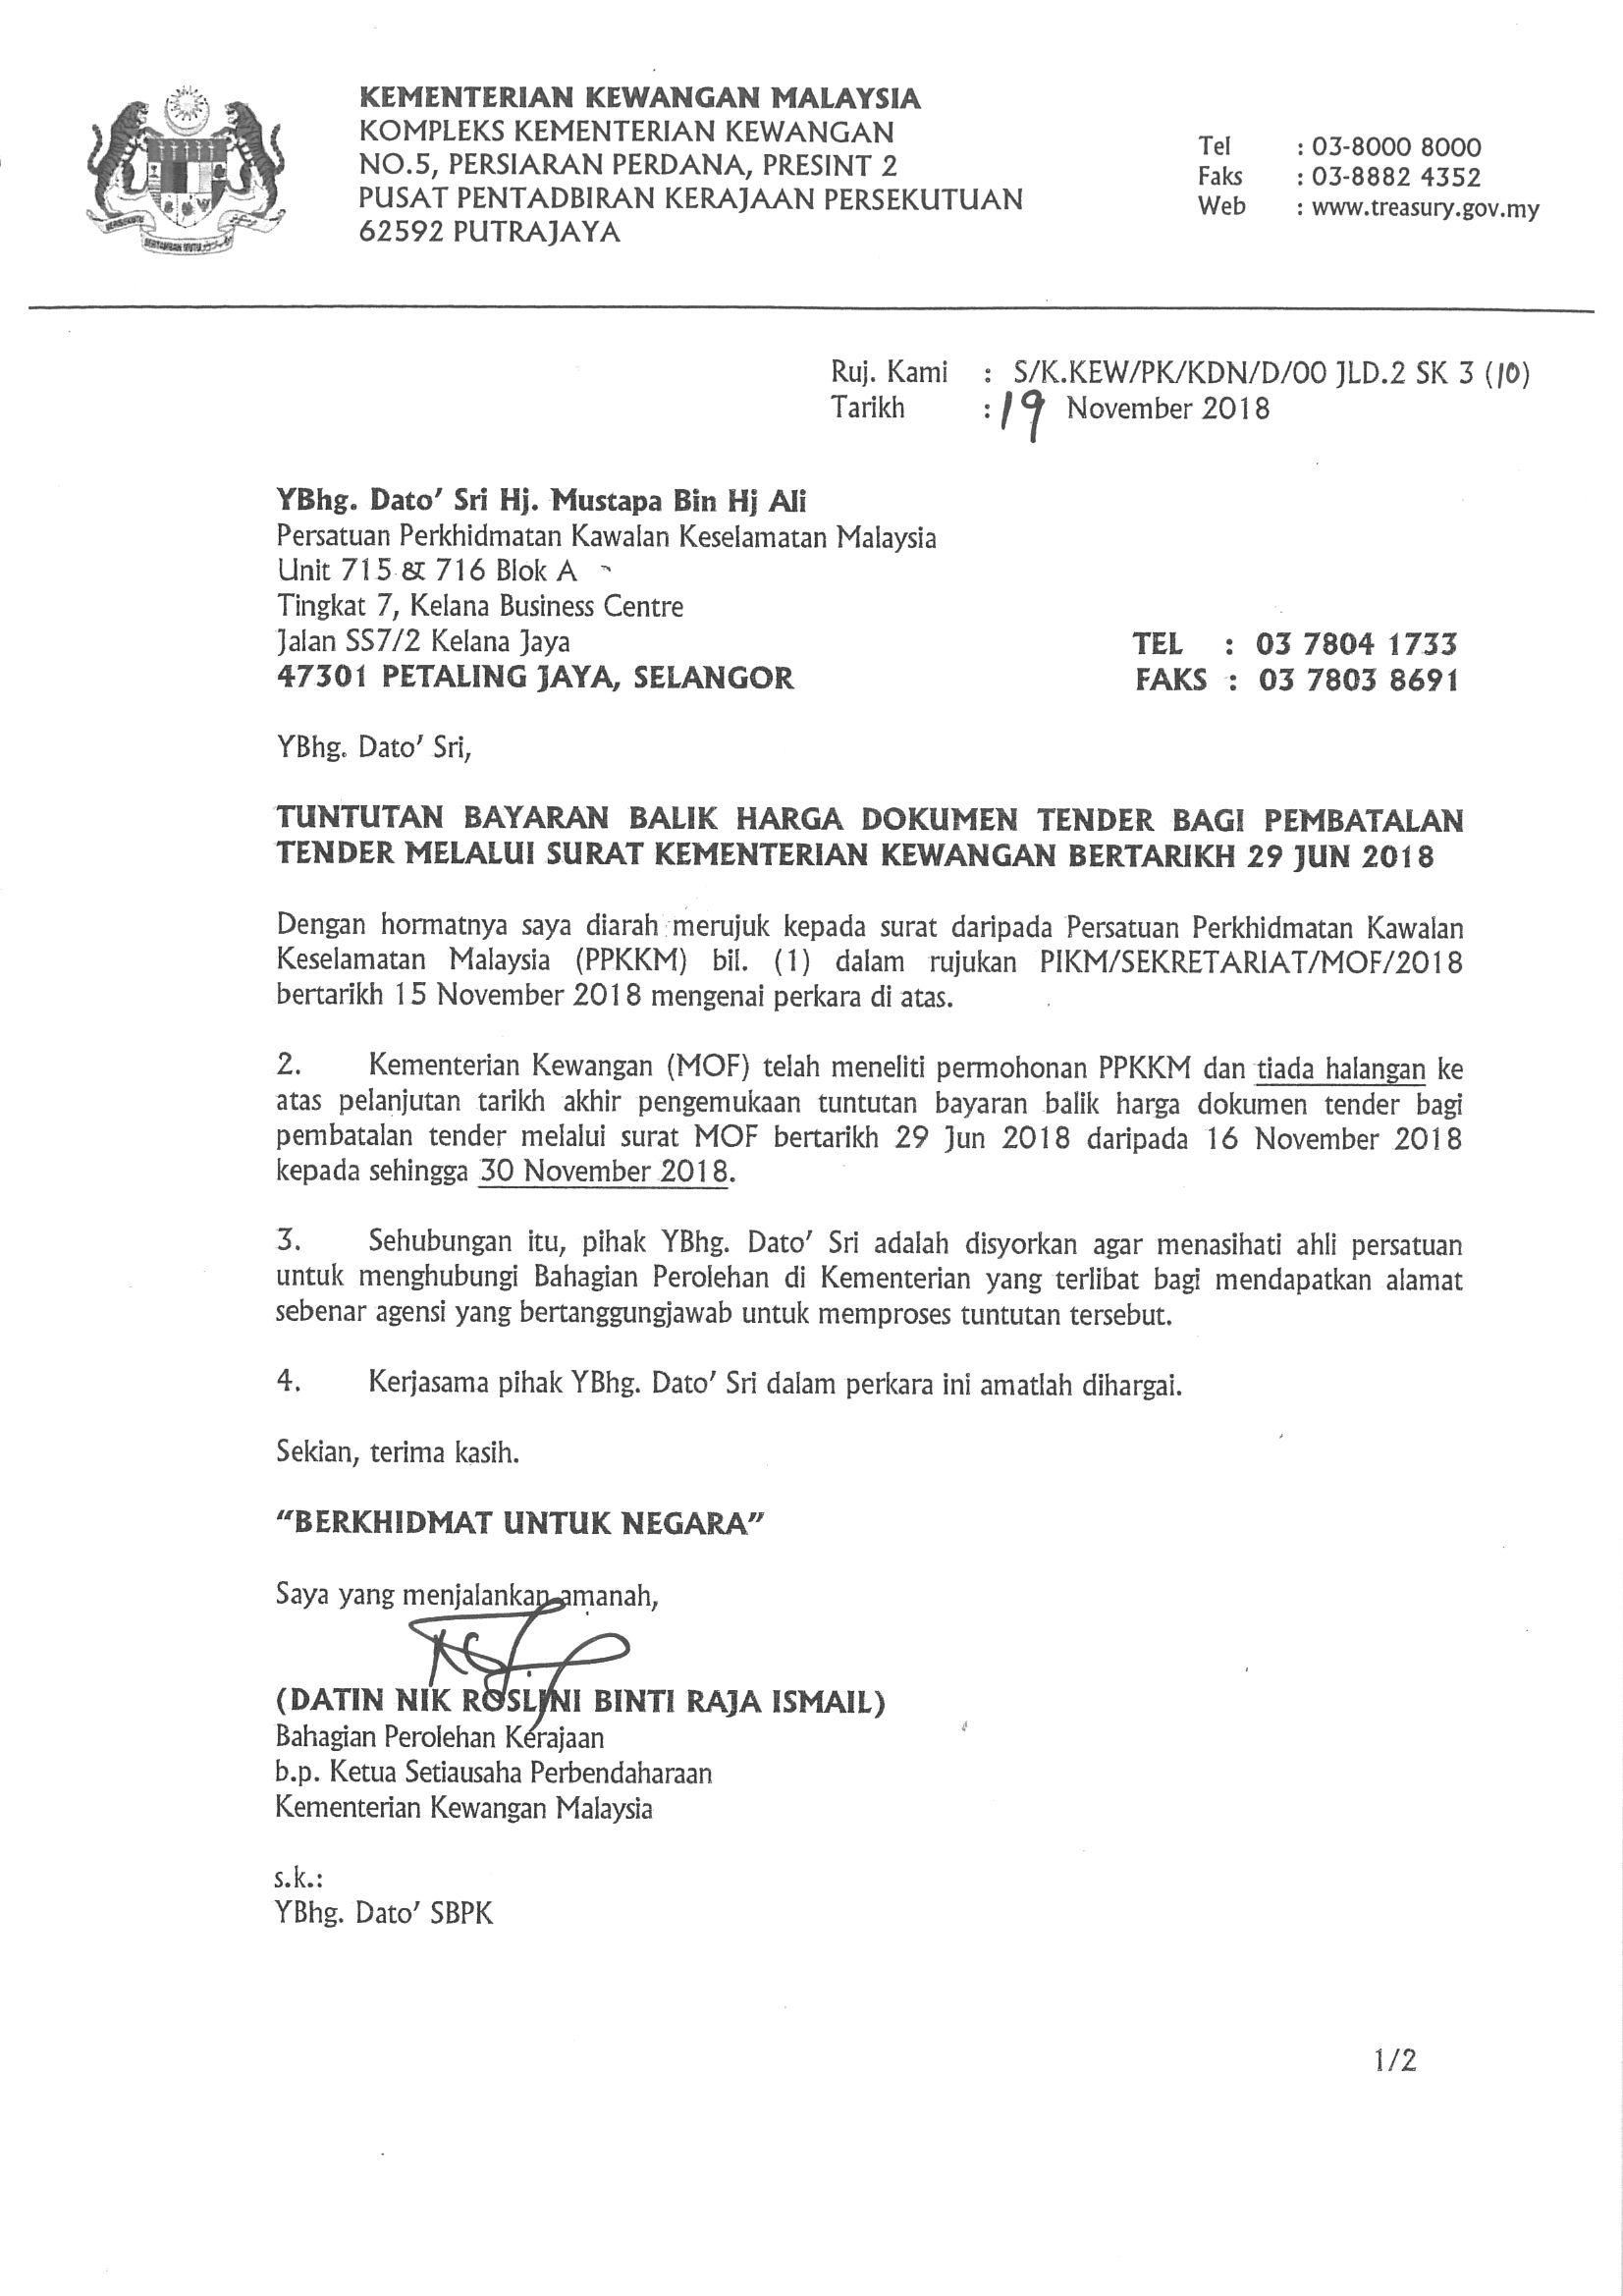 Kelulusan Pelanjutan Tarikh Tuntutan Bayaran Balik Harga Dokumen Tender Bagi Pembatalan Tender Kerajaan Pikm My